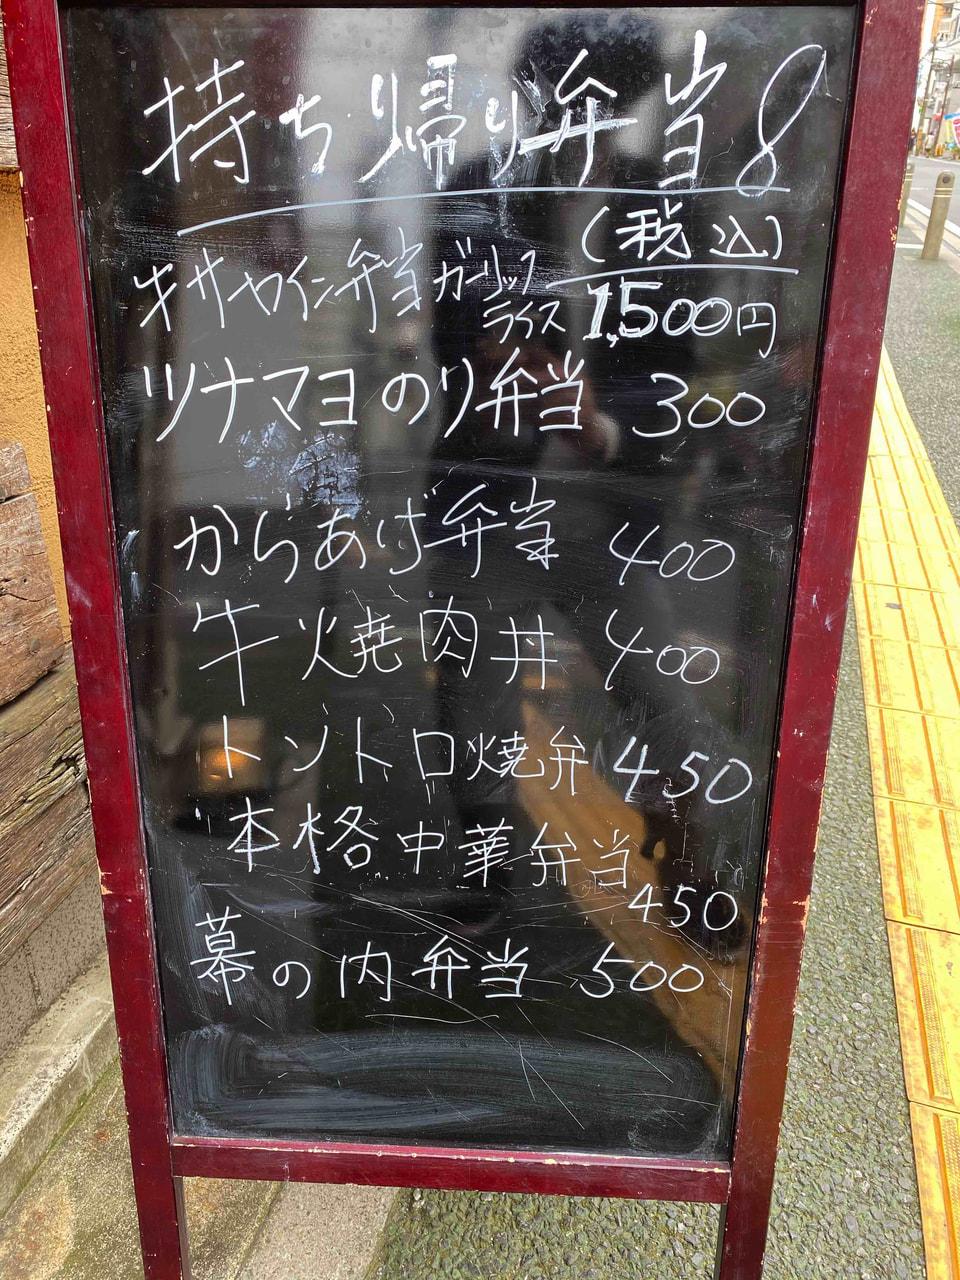 Japanese Dining 聖(朝霞市)のテイクアウトメニュー